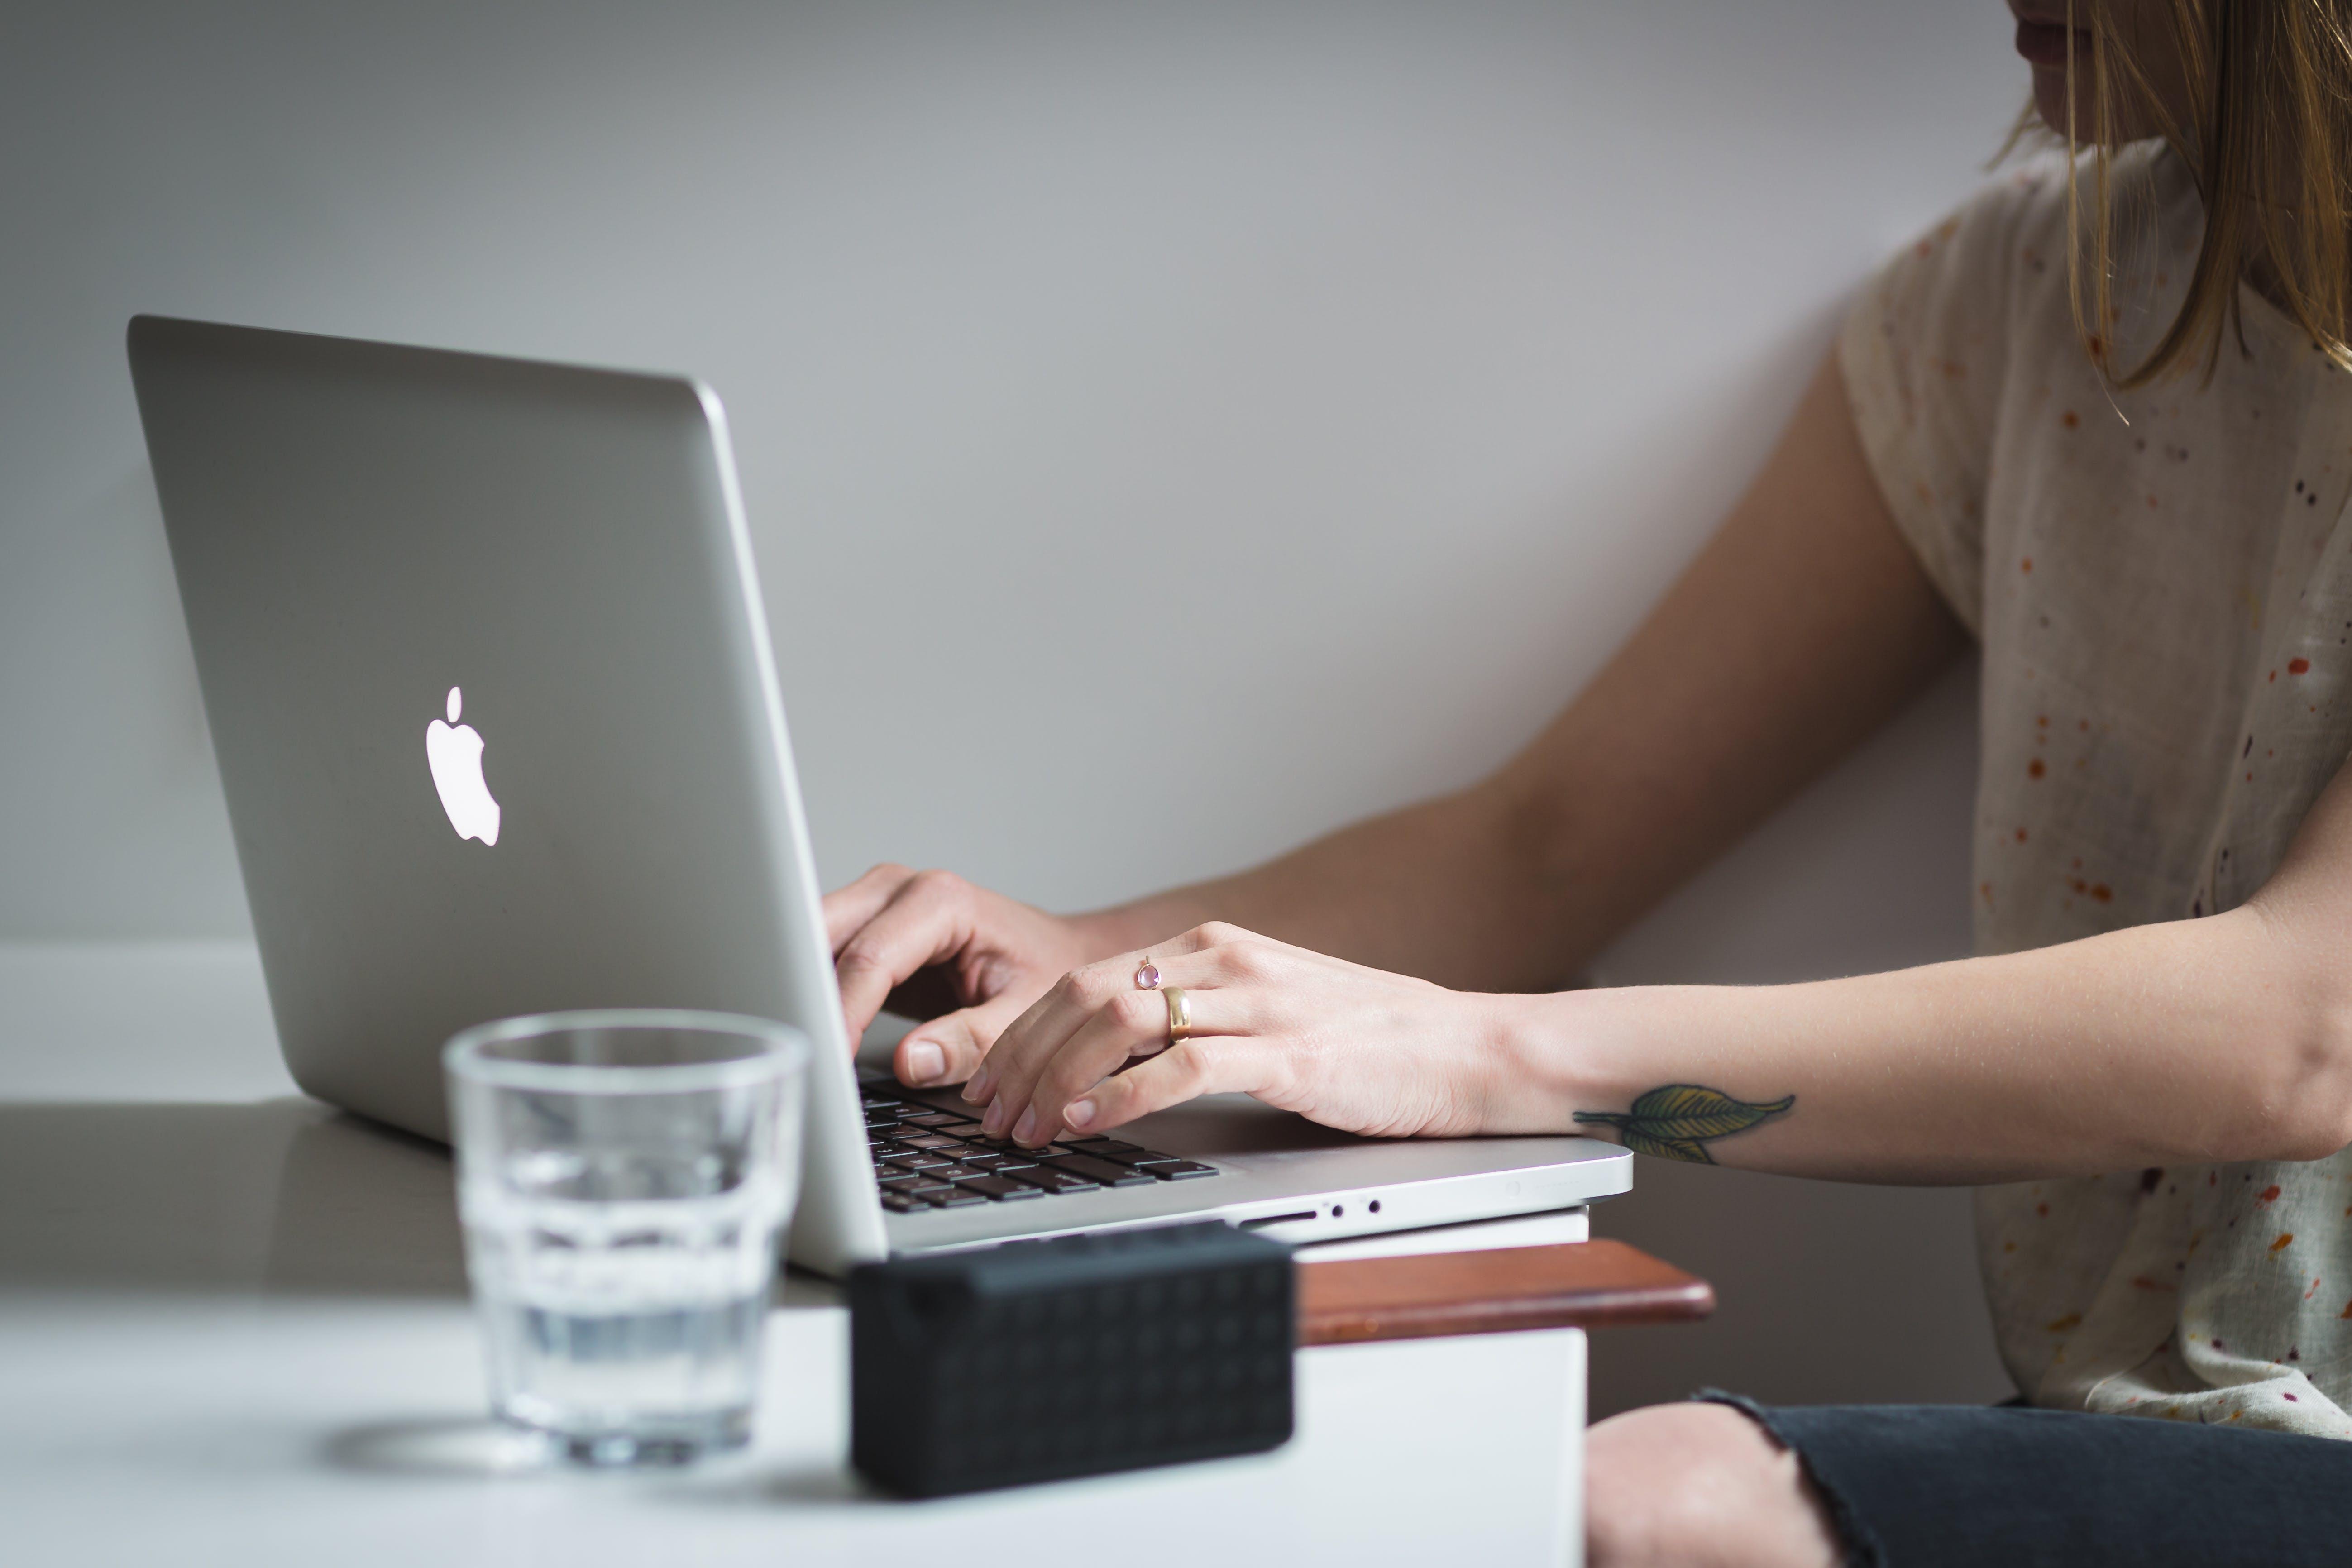 Kostnadsfri bild av affärskvinna, arbete, avslappning, bärbar dator